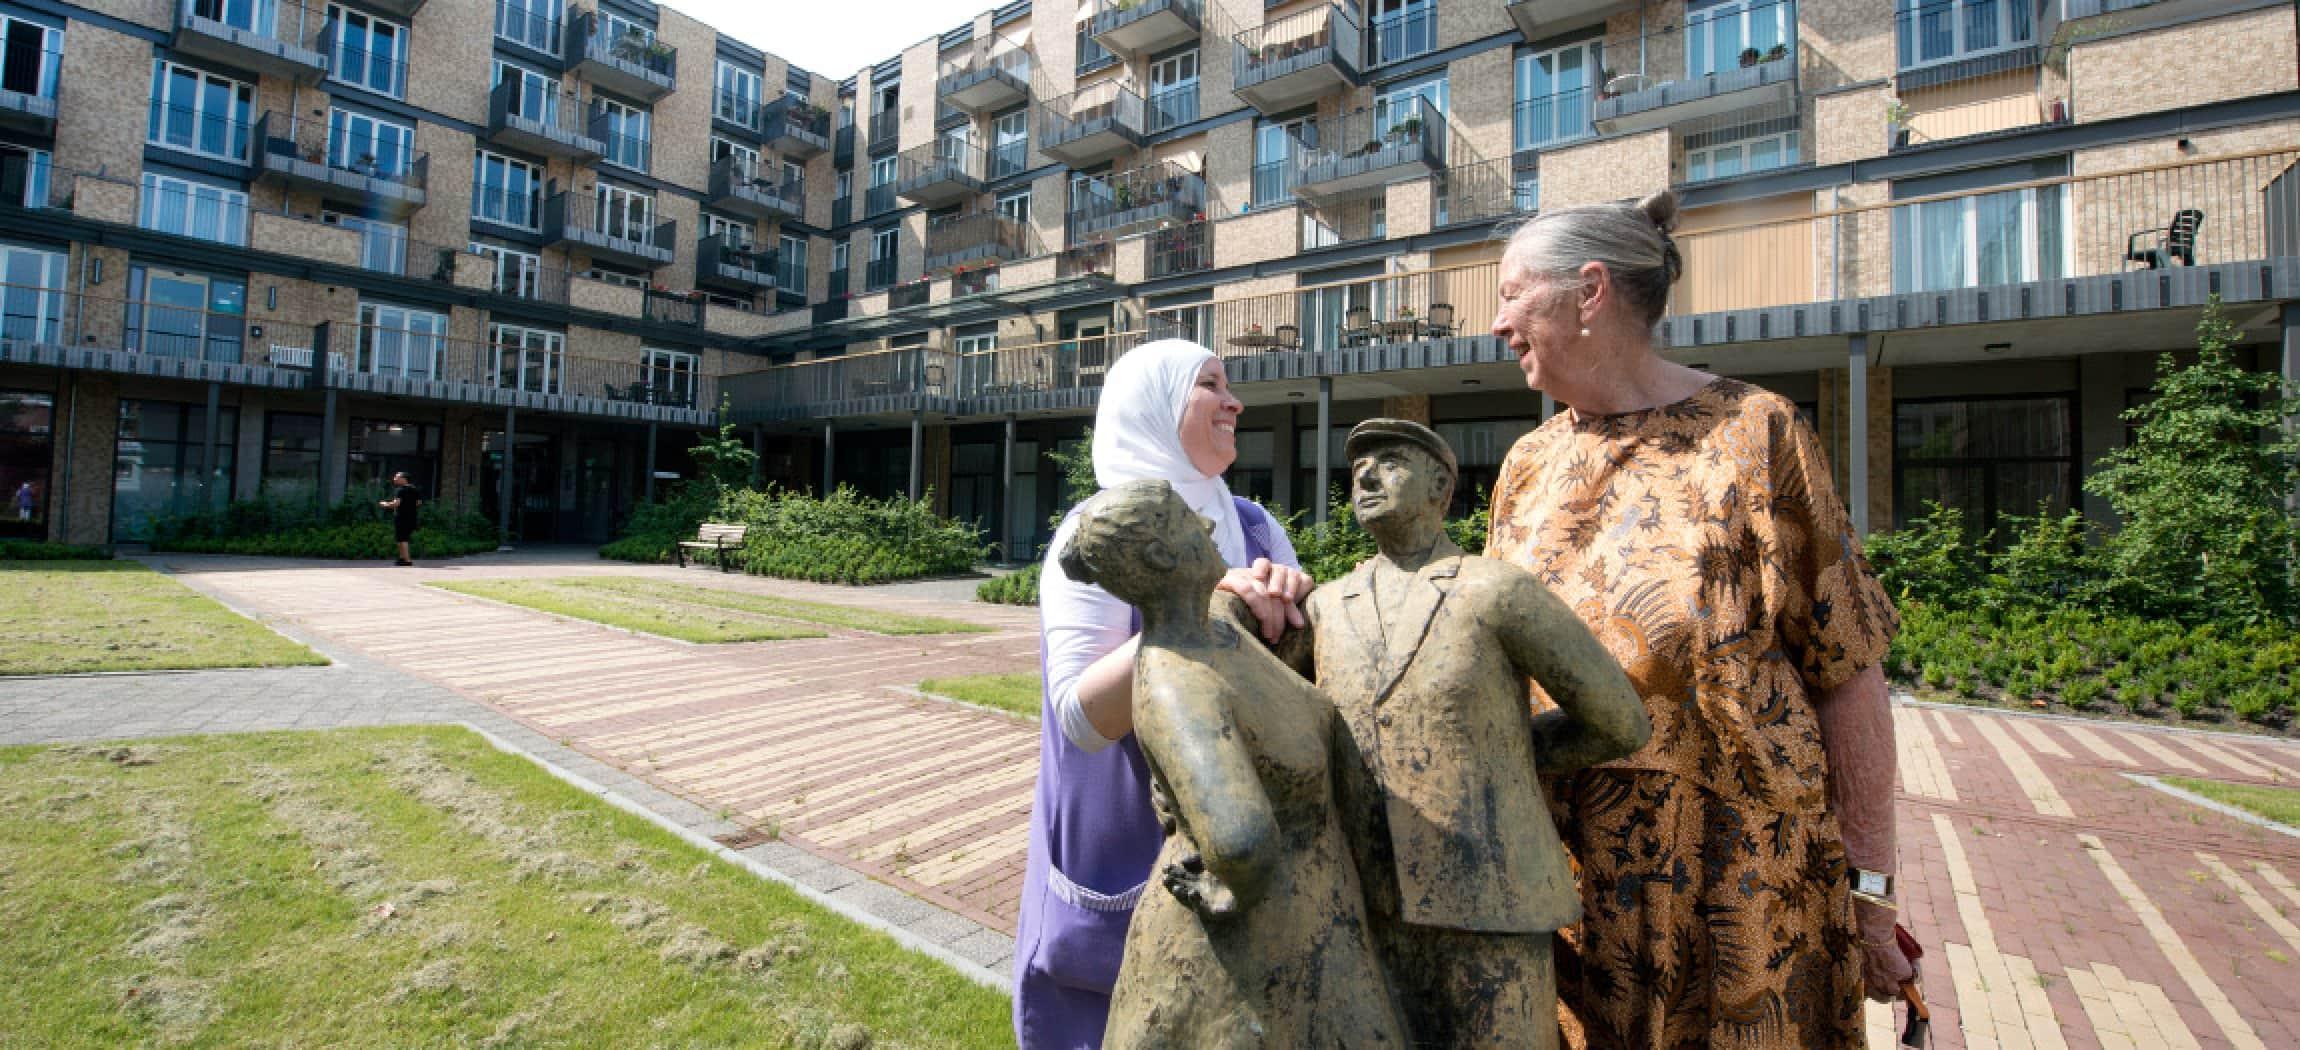 Stadse binnentuin met standbeeld en 2 vrouwend